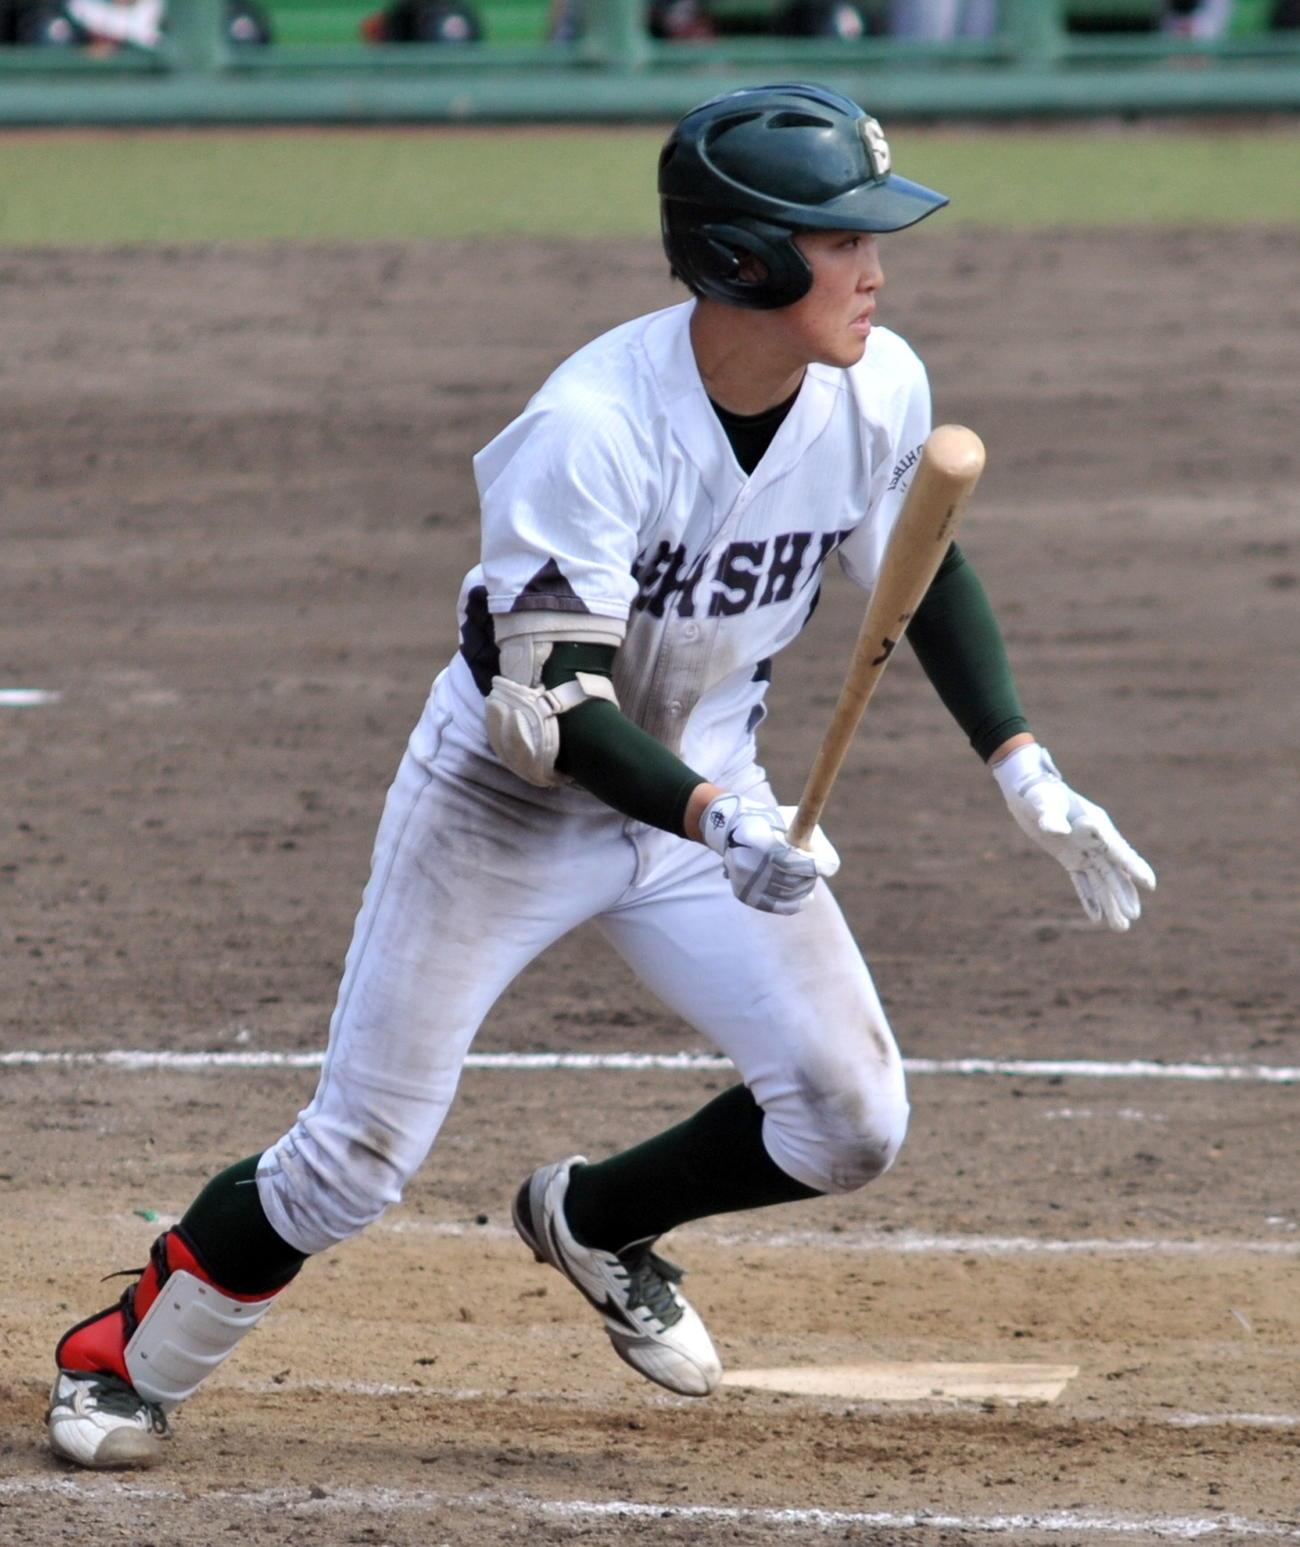 石巻専大・小川は、走者一掃の三塁打を含む2安打3打点と活躍